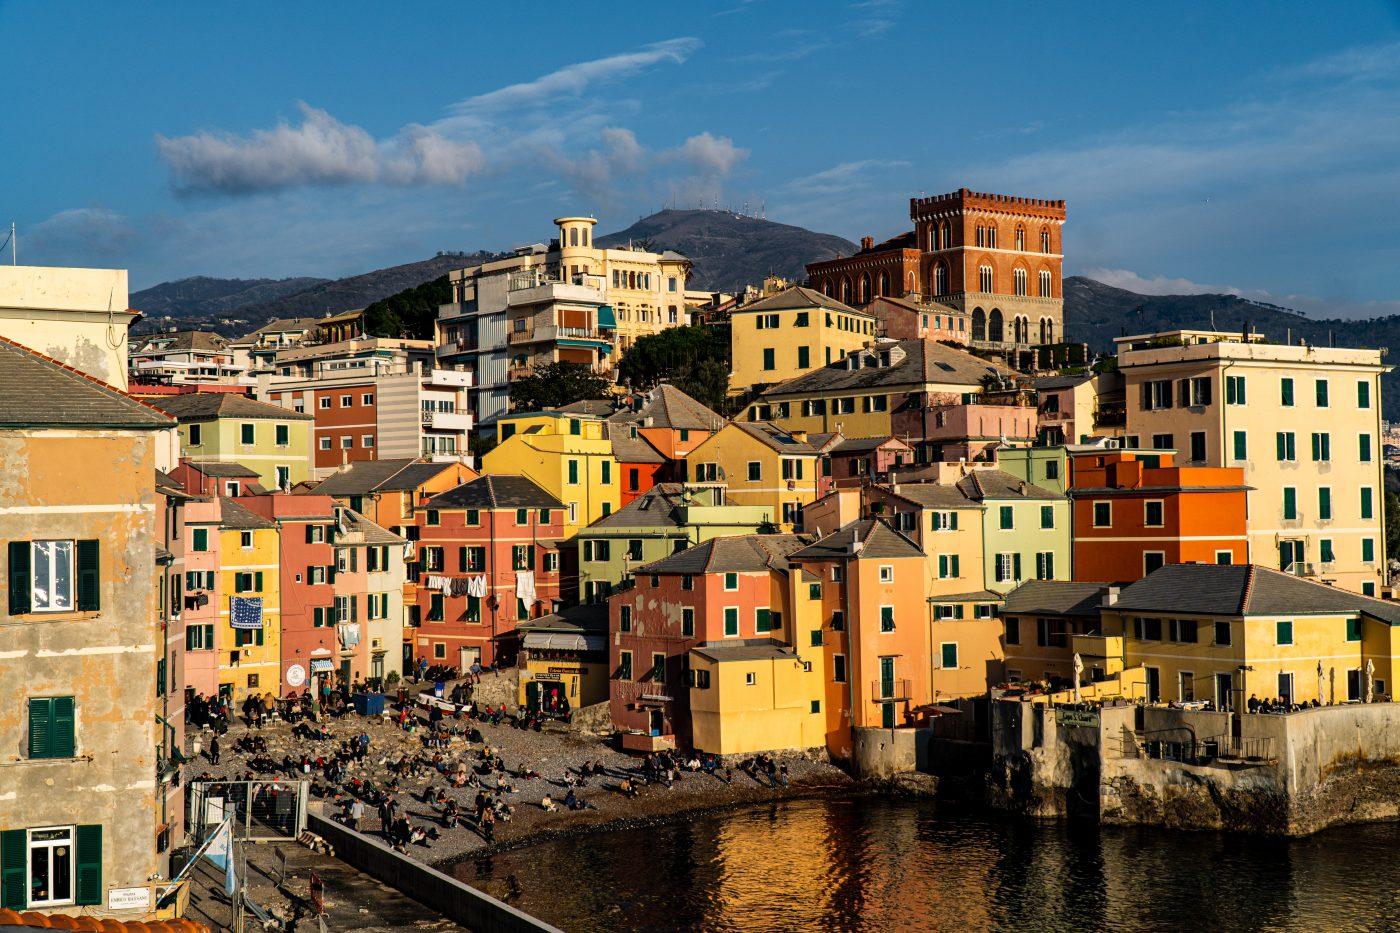 Liguria Genoa, the Lady of the Sea